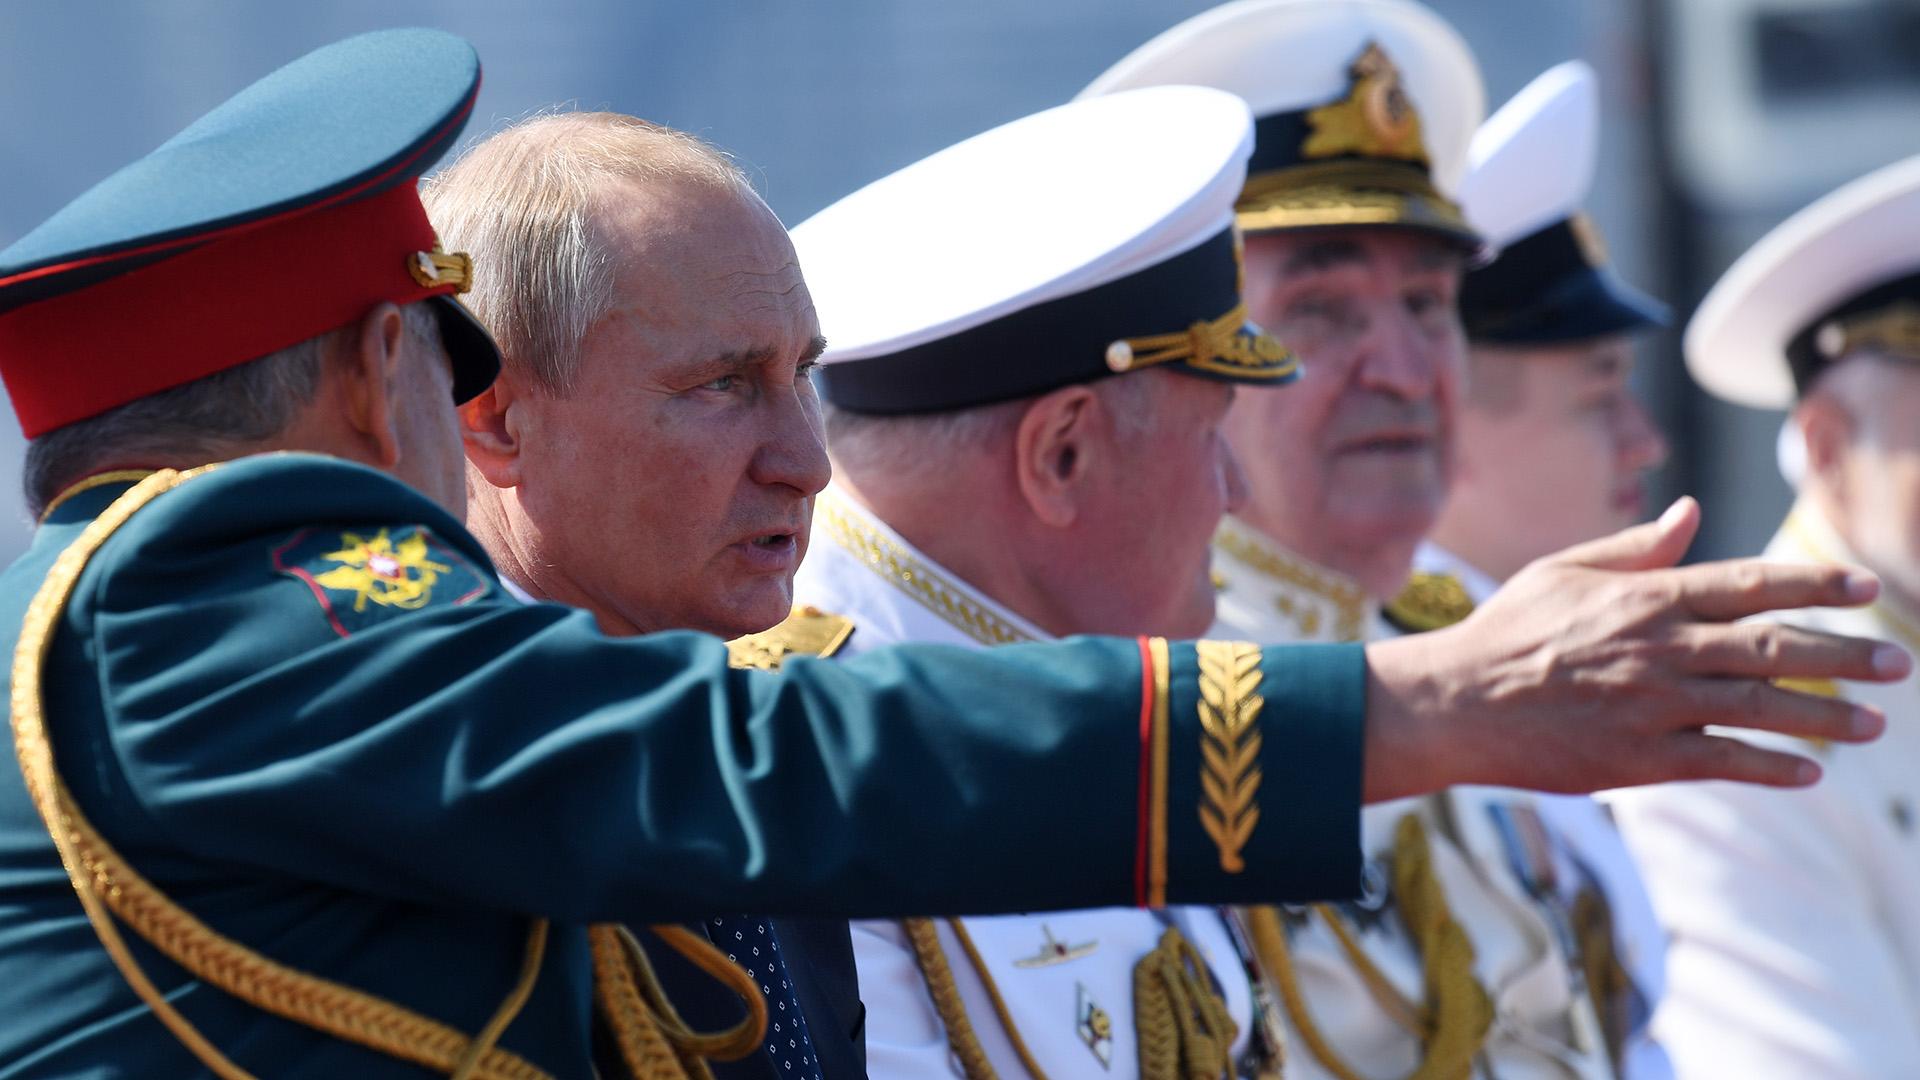 """Putin agregó que la historia de la flota rusa es una historia de """"coraje"""", """"valentía"""" y fuerza de espíritu de sus marineros"""